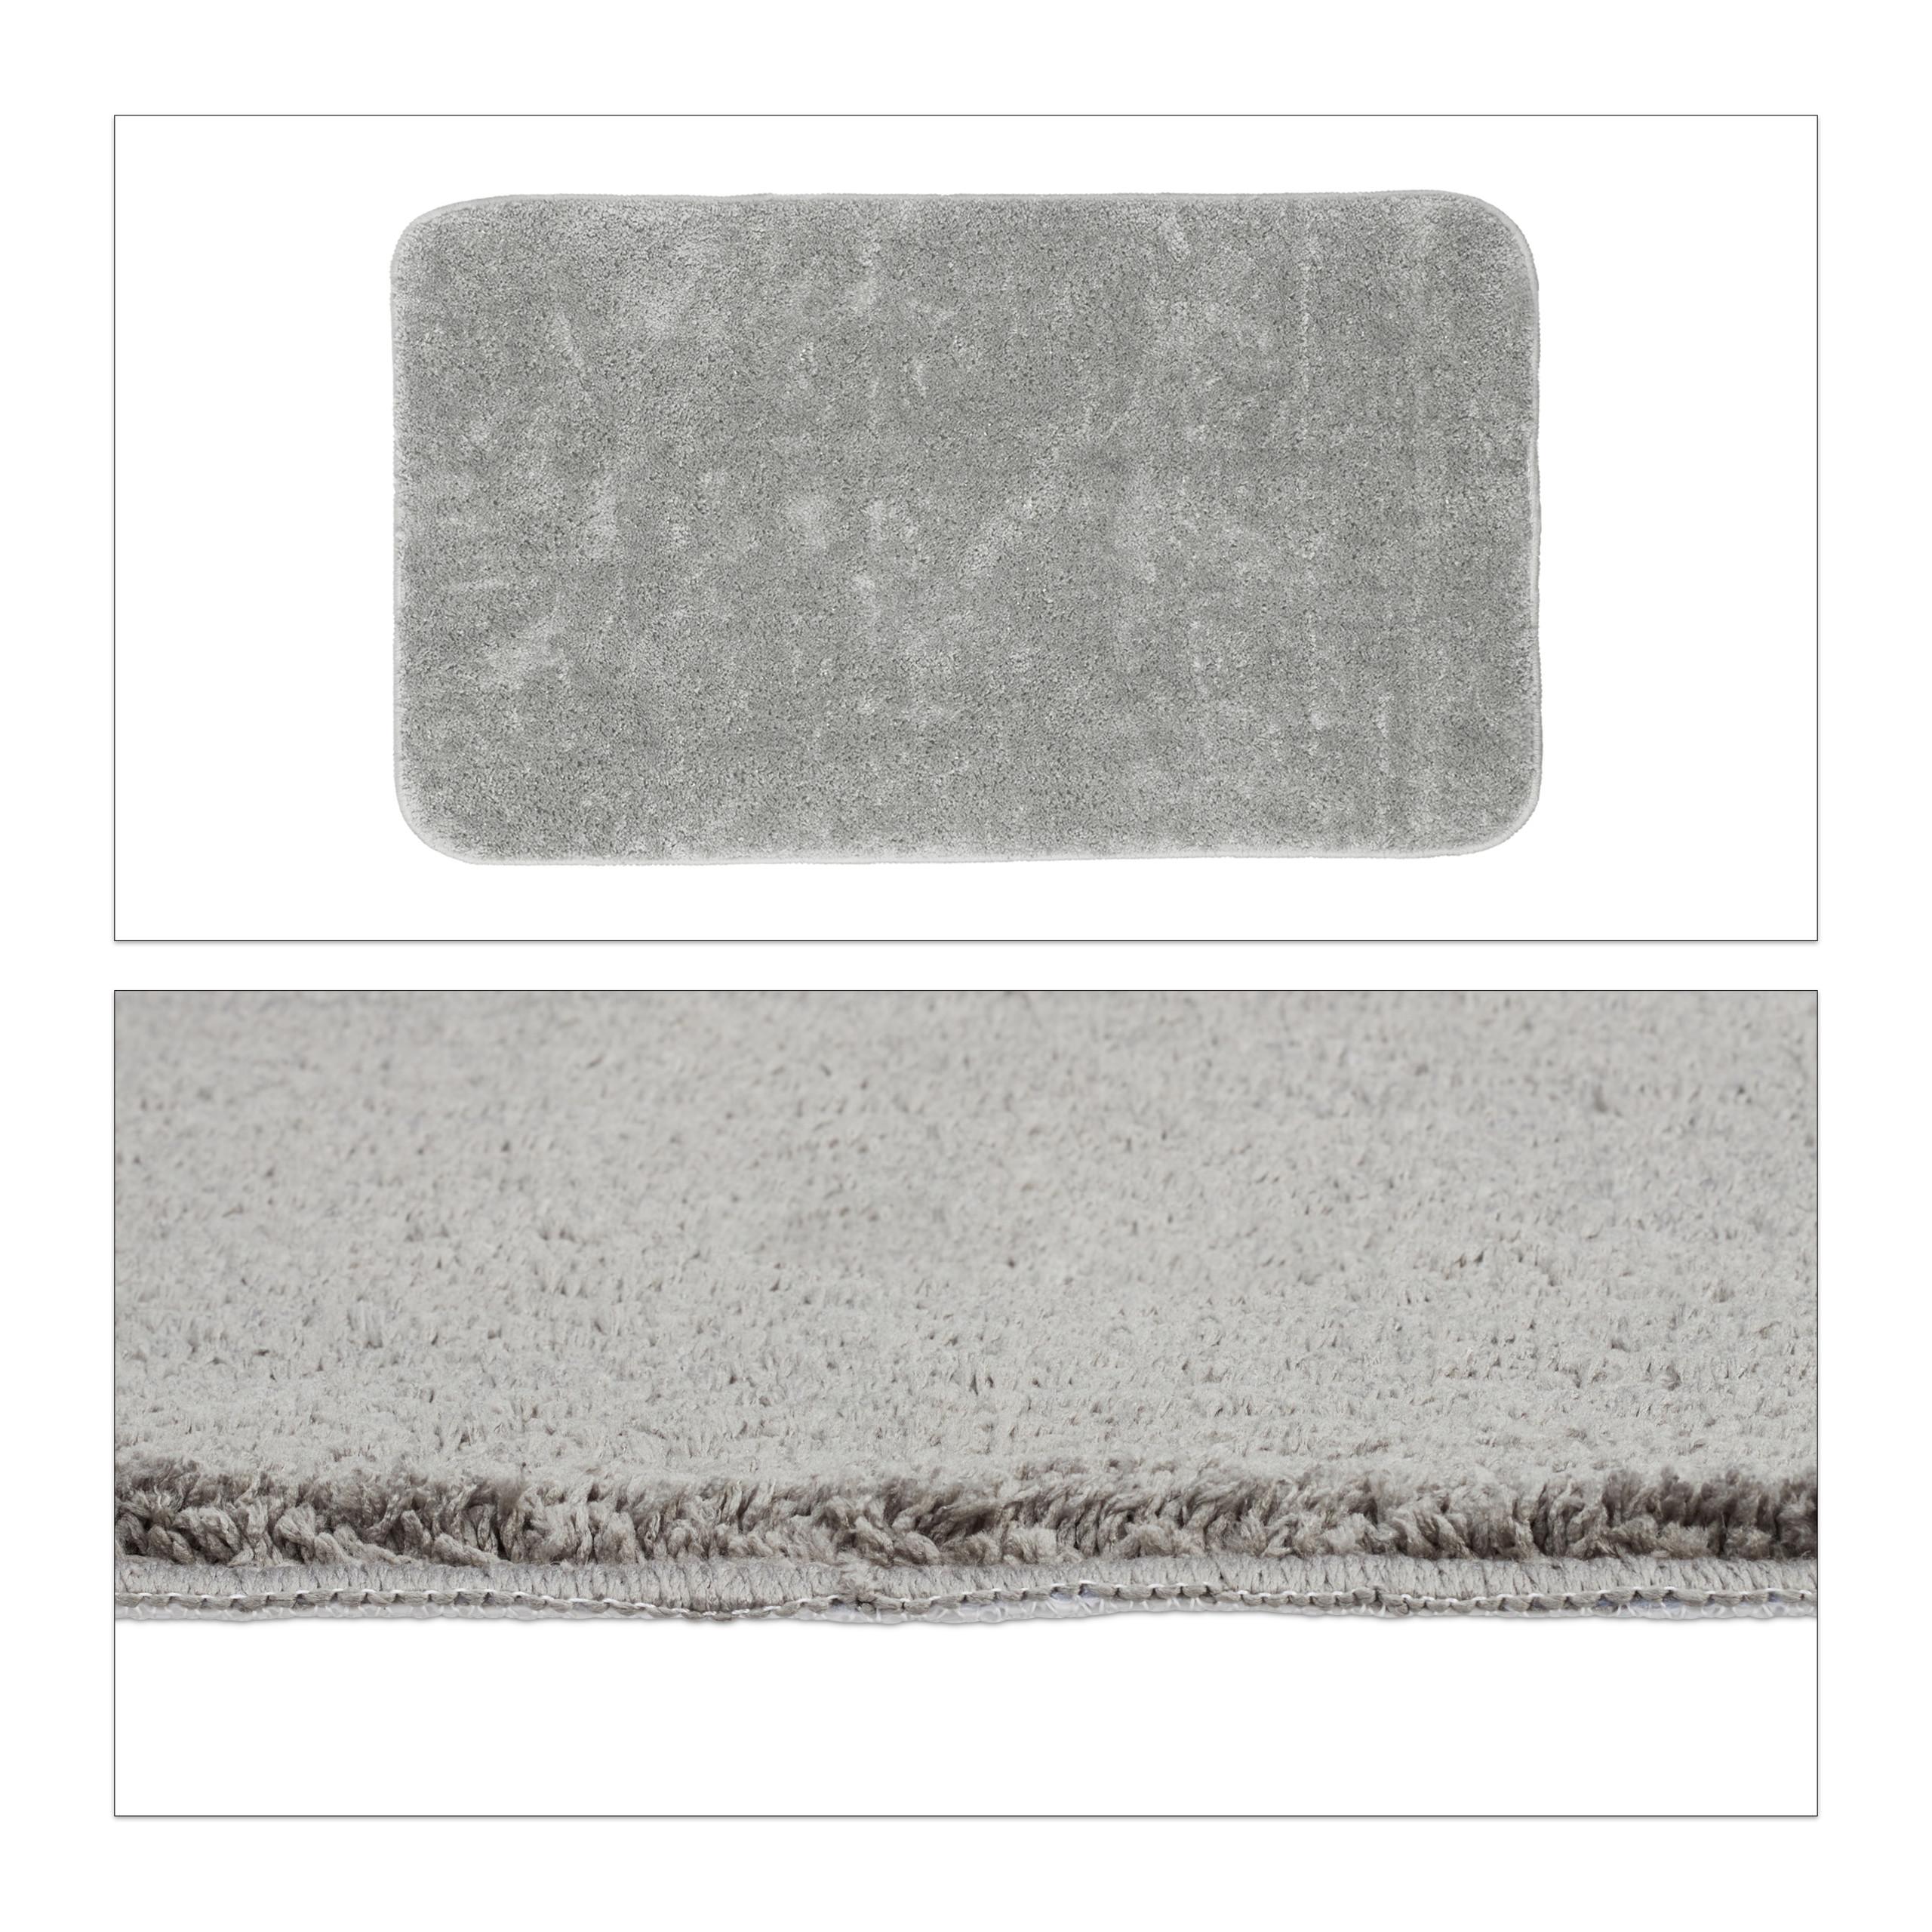 Détails sur Tapis de bain gris salle de bain tapis antidérapant tapis de  bain gris anthracit